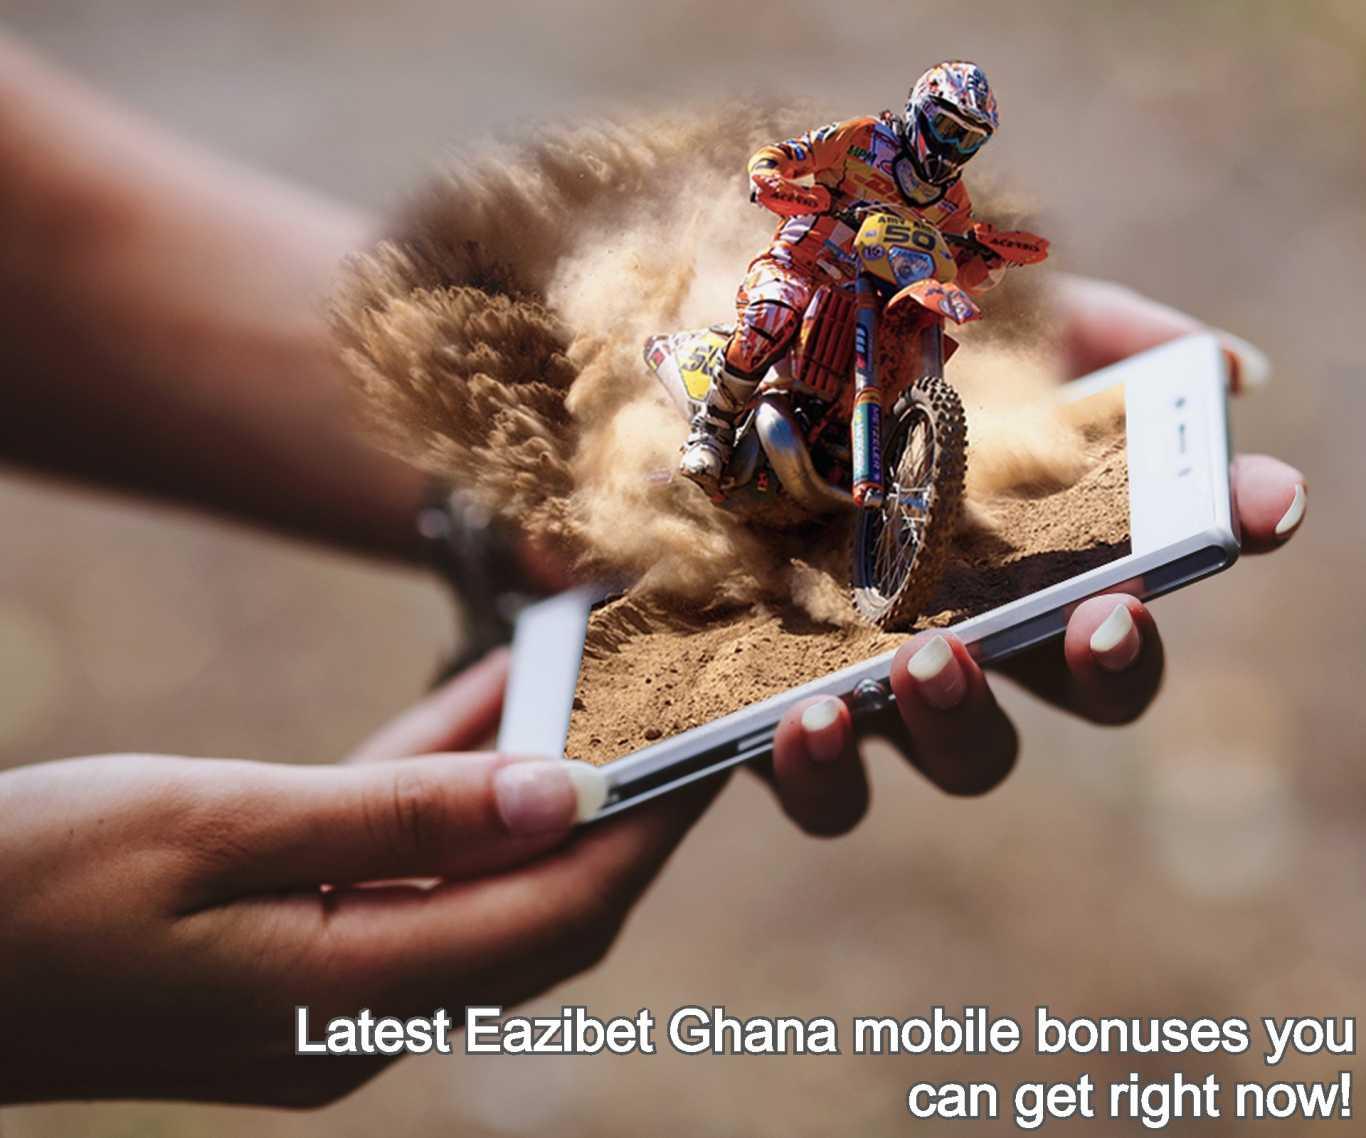 Latest Eazibet app bonuses